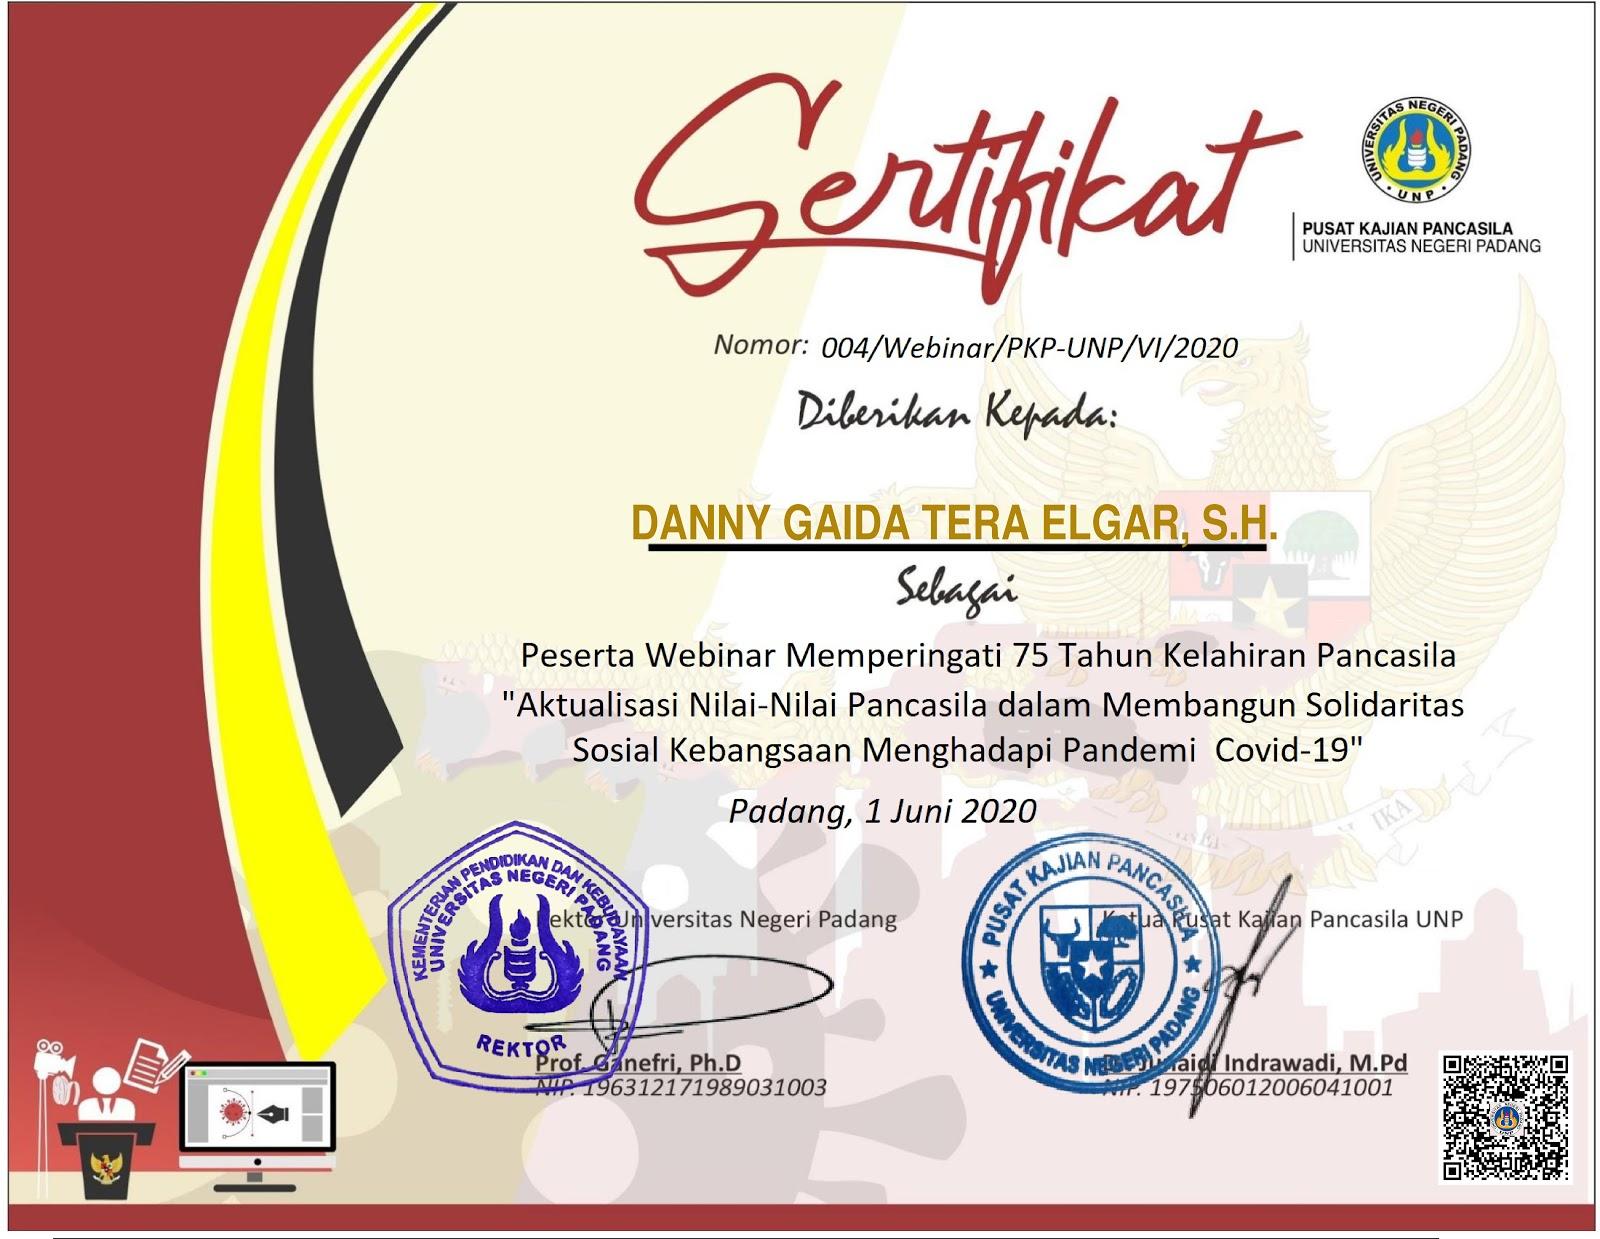 Sertifikat Peserta Webinar Pusat Kajian Pancasila Universitas Negeri Padang (UNP) | Memperingati 75 Tahun Kelahiran Pancasila (1 JUNI 2020)